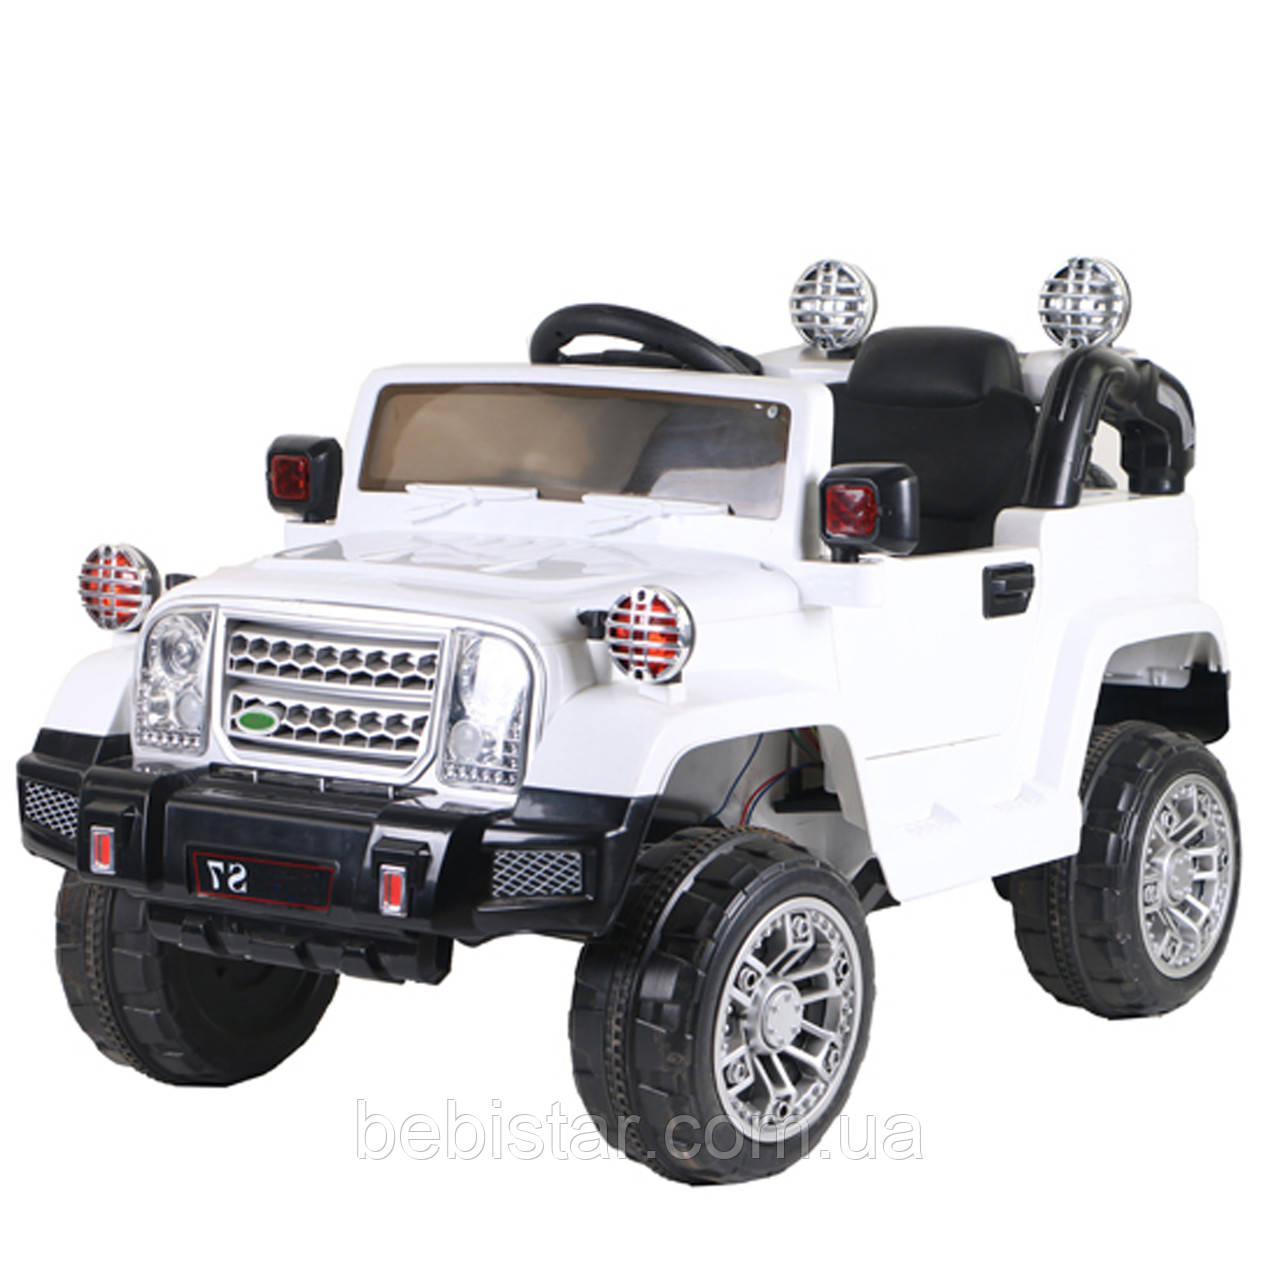 Электромобиль Джип детский белый от 3-х до 8-ми лет с пультом мотор 2*20W батарея 2*6V4.5AH